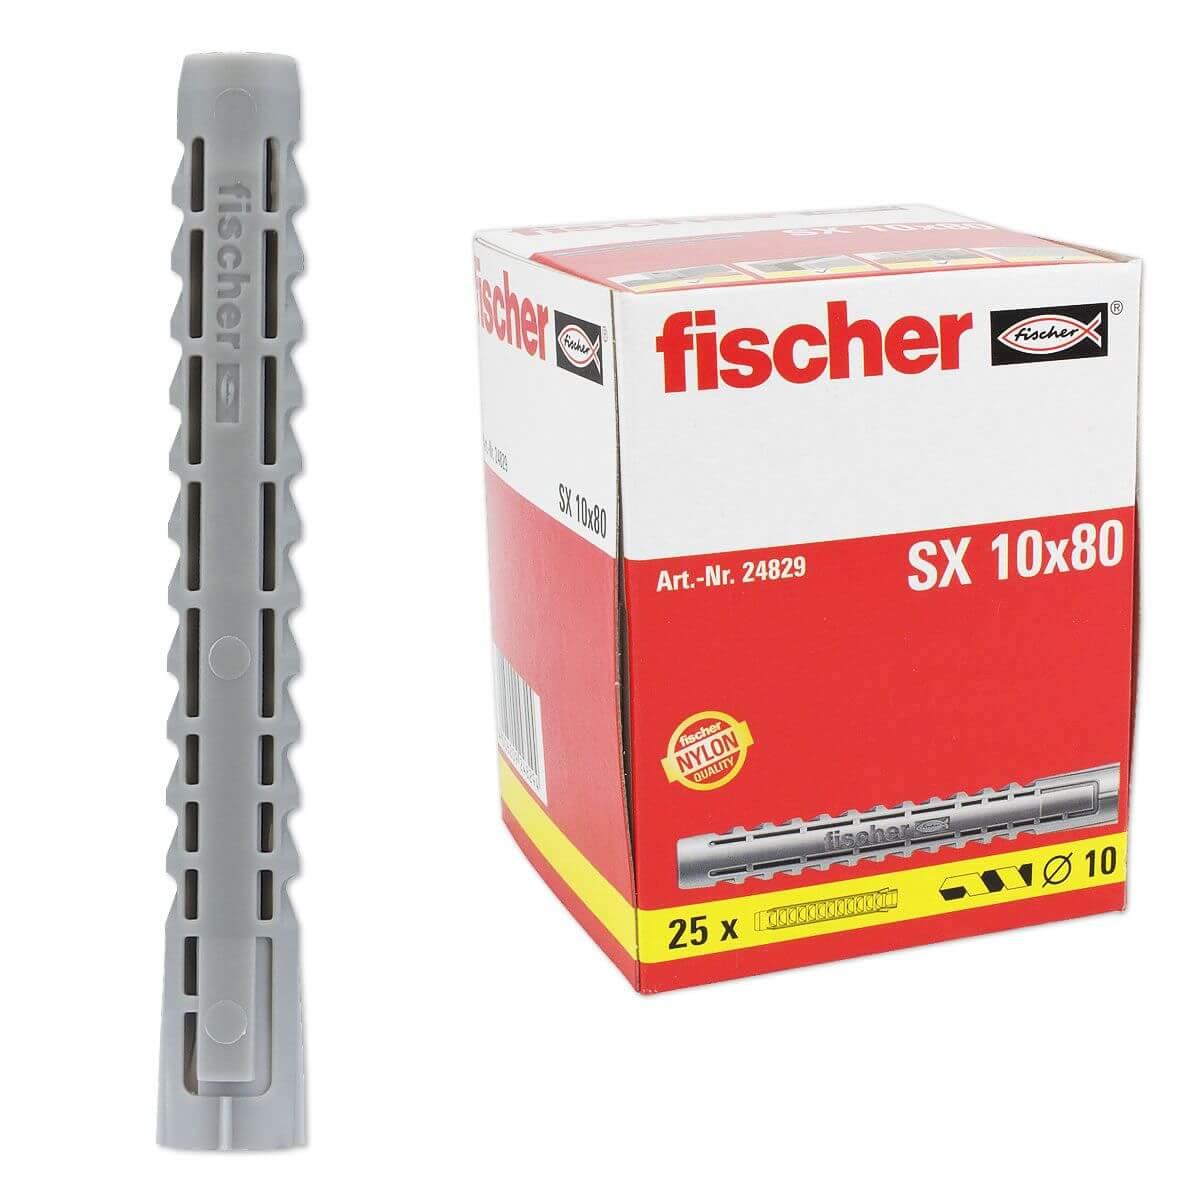 Trendig 25 Stk. Fischer Dübel SX 10 x 80 - 24829 (Installation) | heima24.de JH56